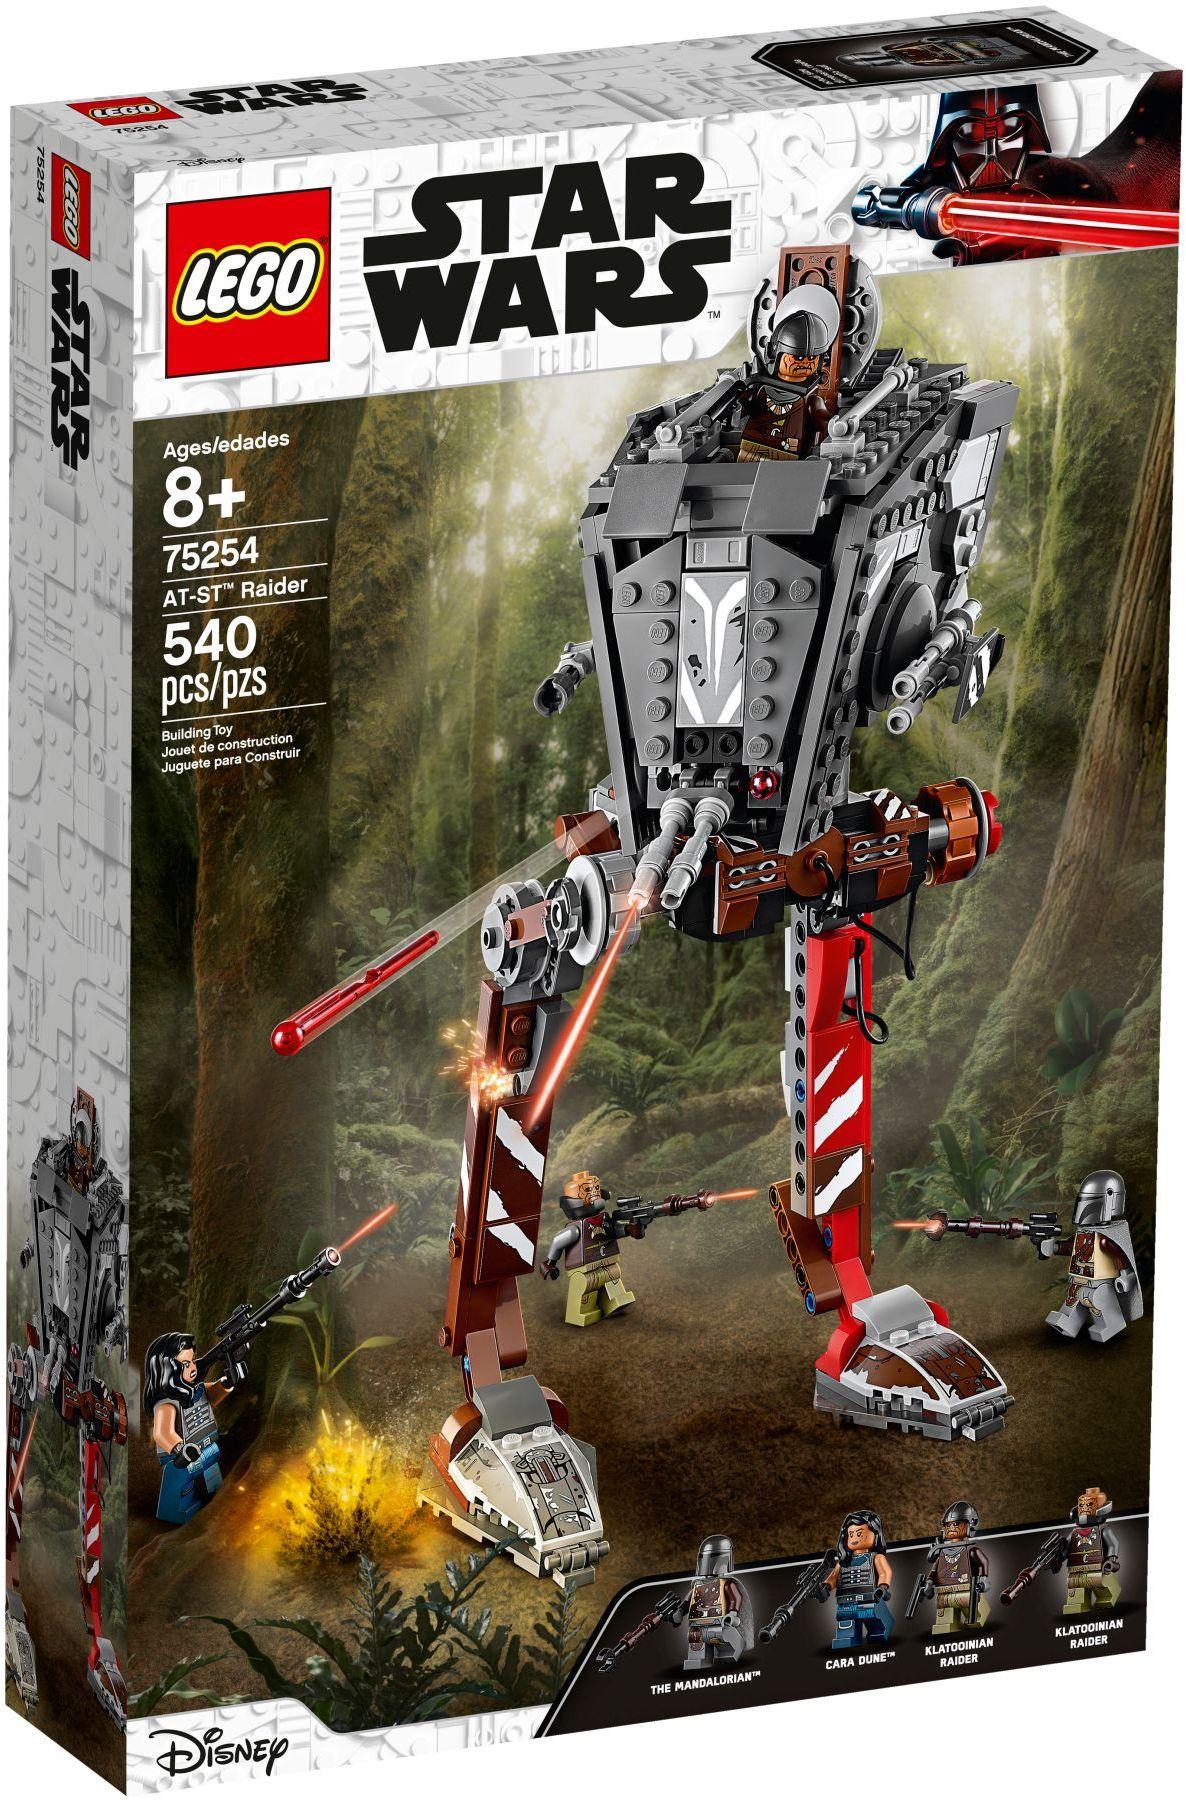 lego-star-wars-75254-at-st-raeuber-box-2019 zusammengebaut.com